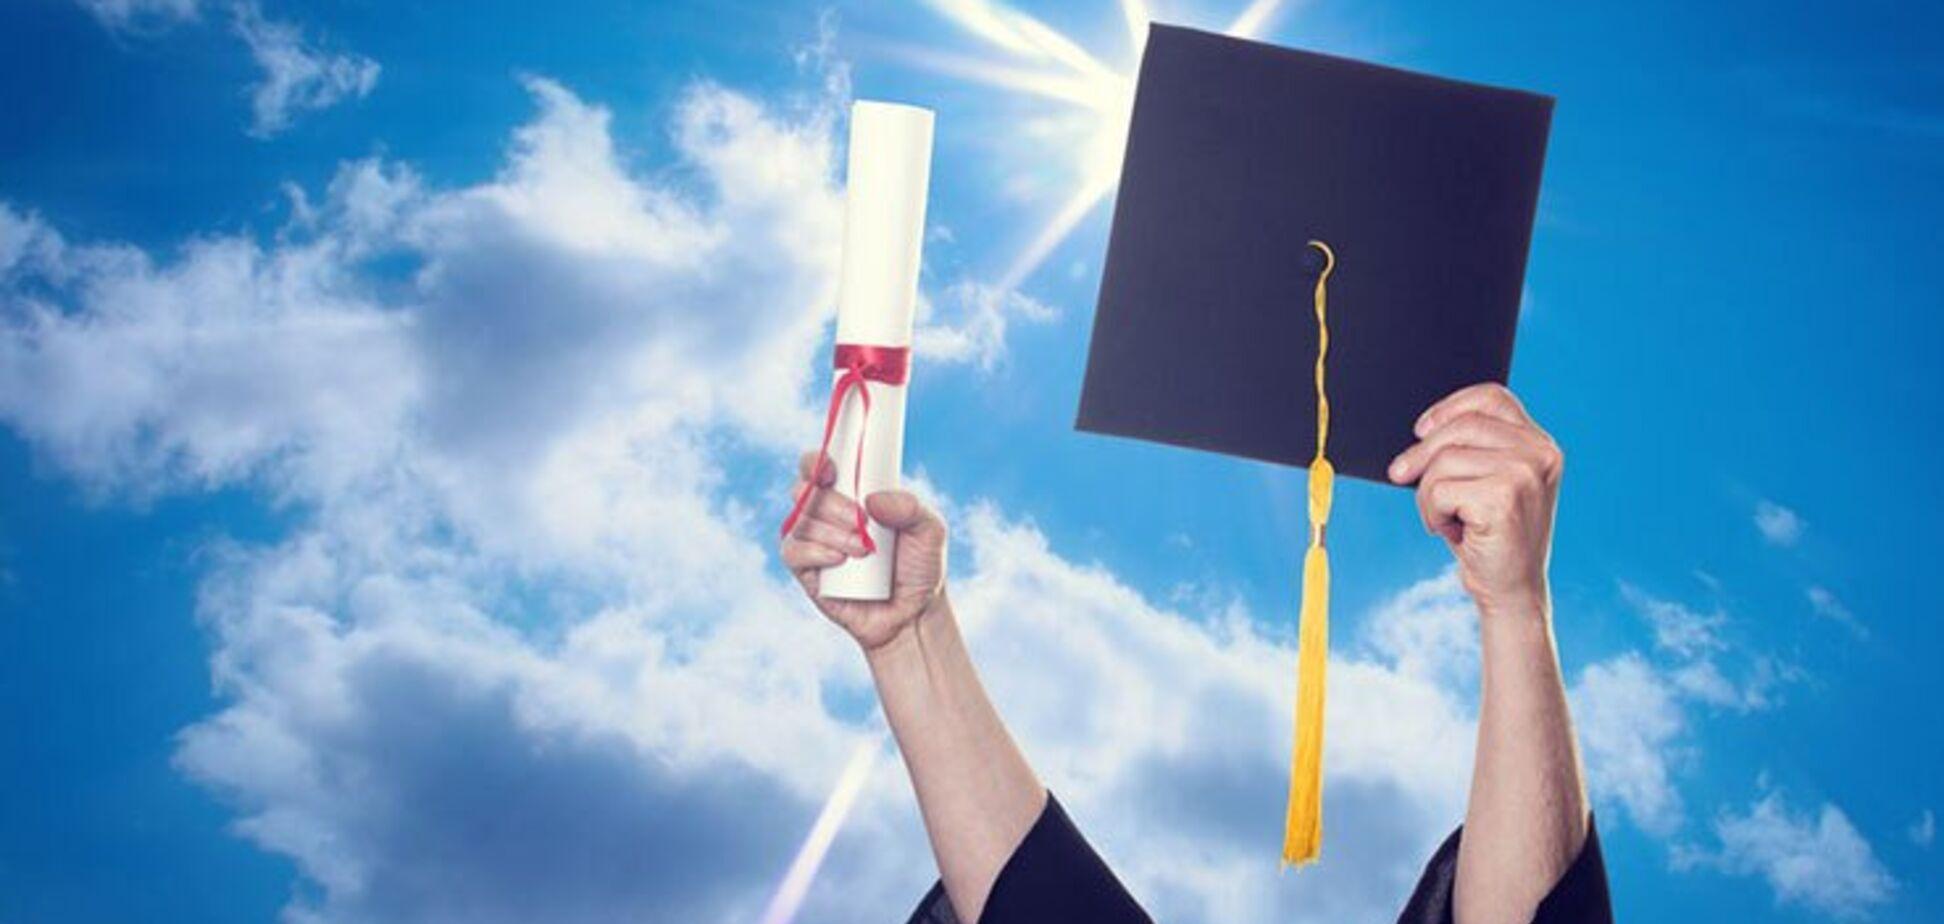 Вища освіта затримує розвиток деменції: опубліковано дослідження